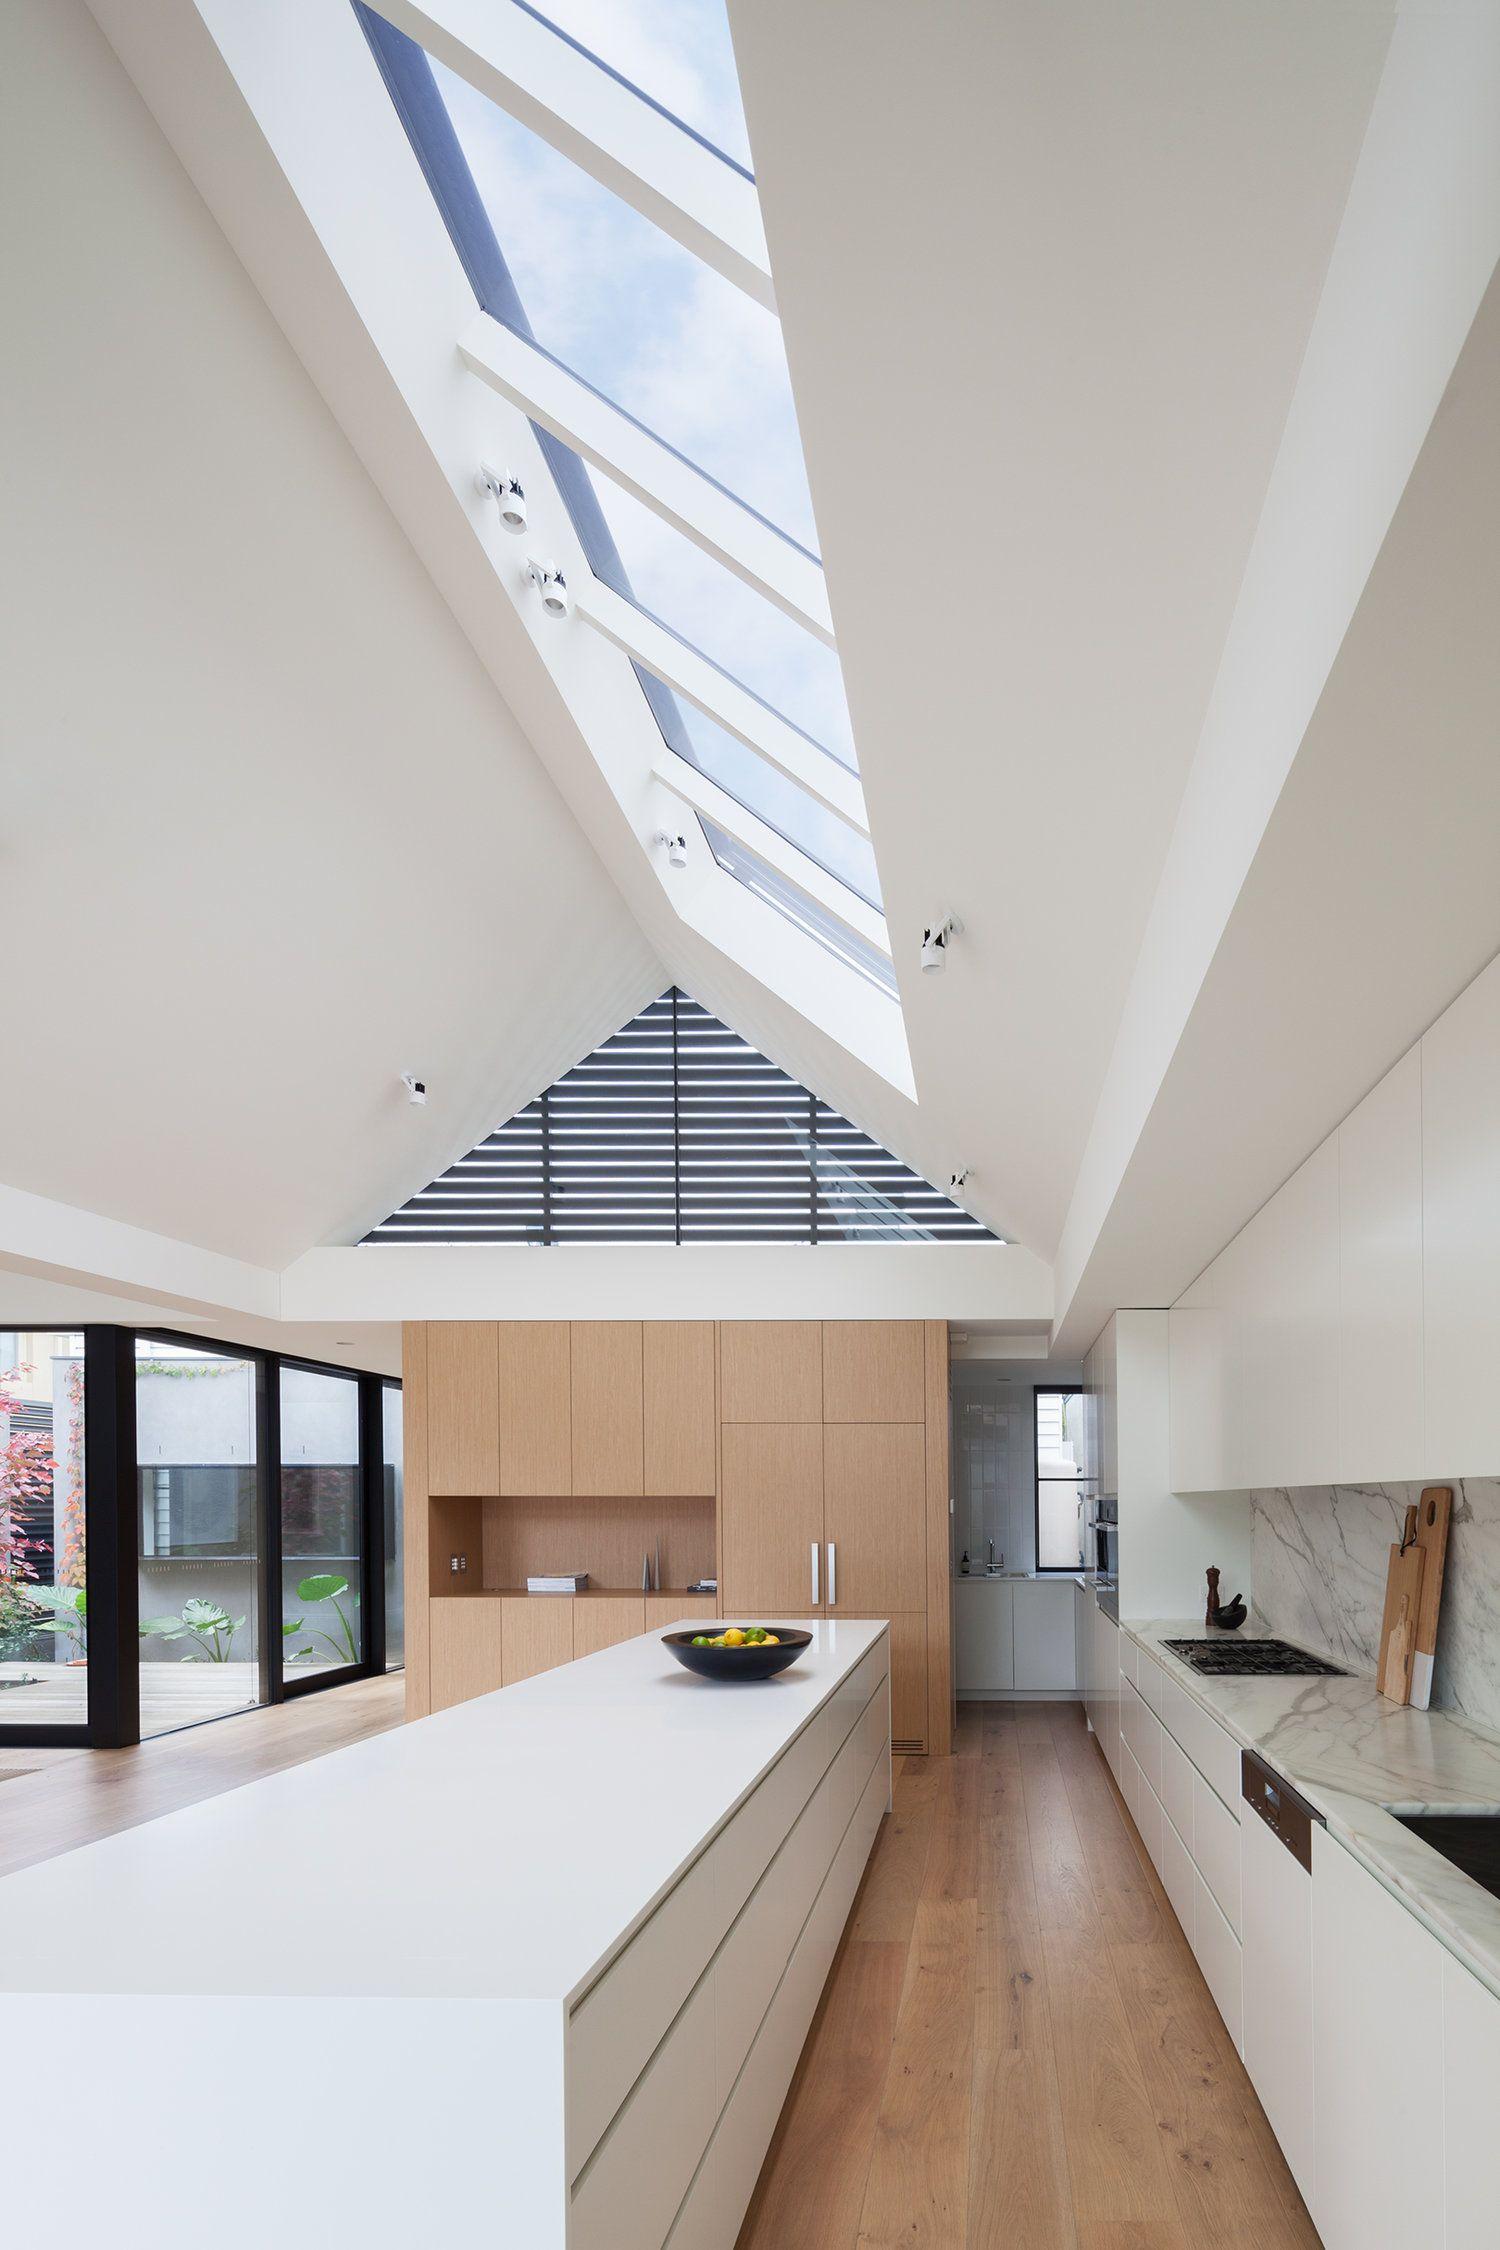 Velux window ideas  finlaystmatyasarchitectsmgg  arquitectura interior